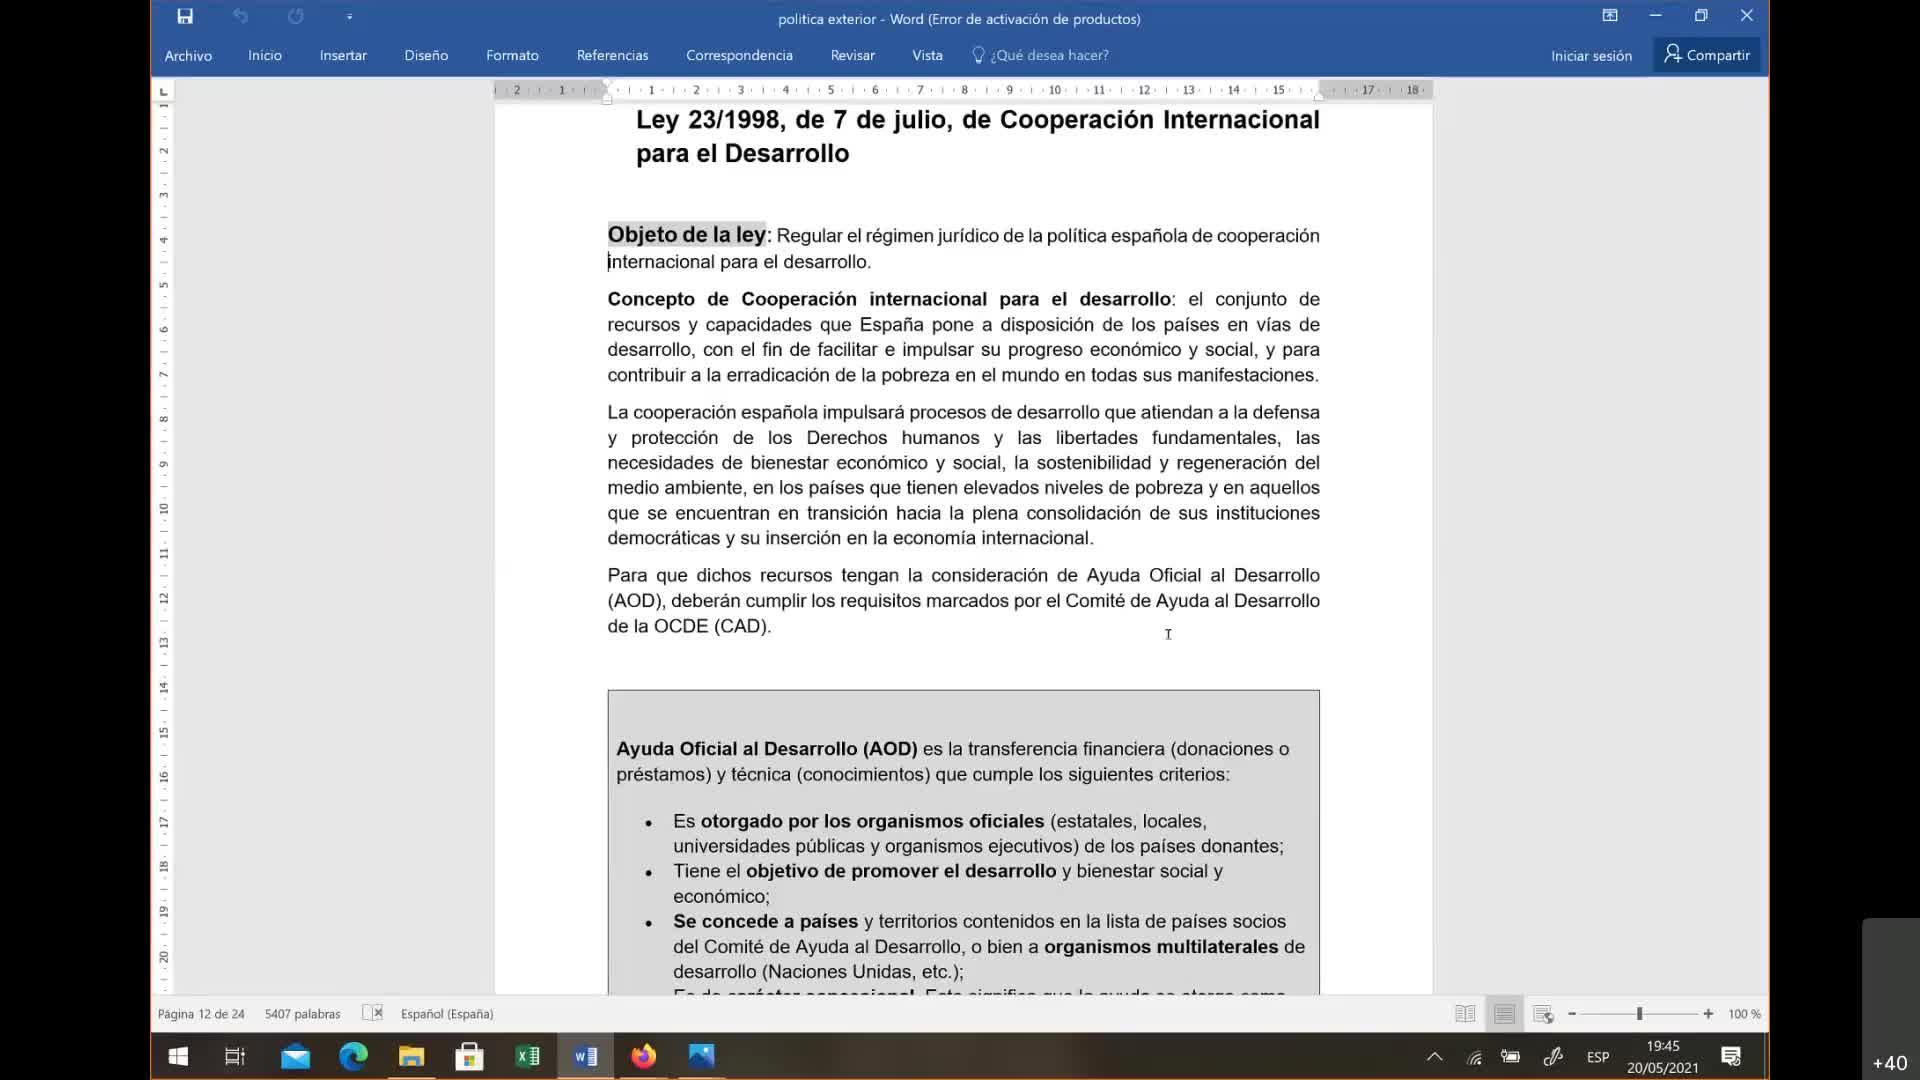 P Cooperación 20-05-2021